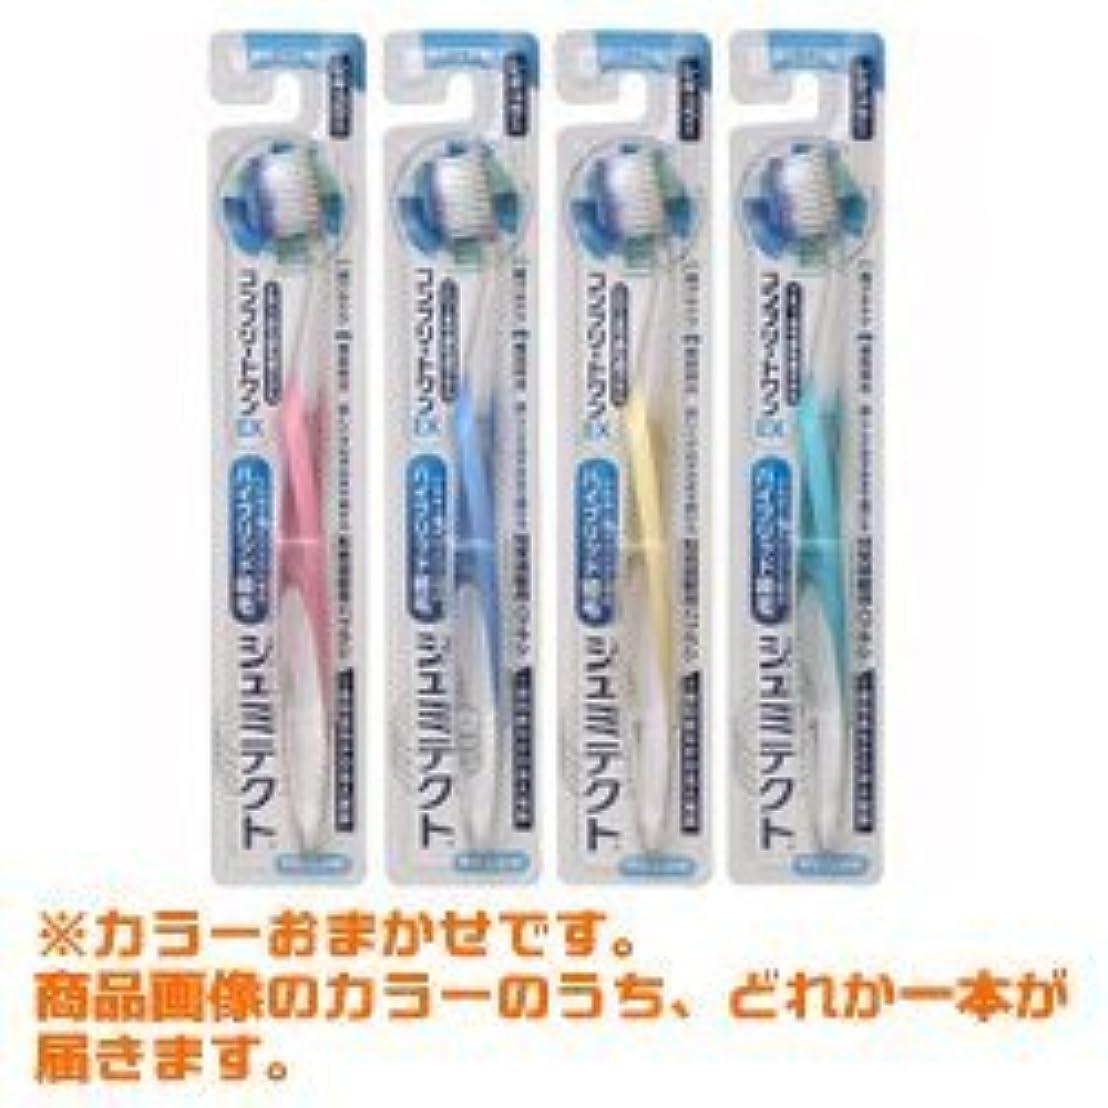 【アース製薬】シュミテクトコンプリートワンEXハブラシレギュラー やわらかめ 1本 (カラーおまかせ) ×3個セット